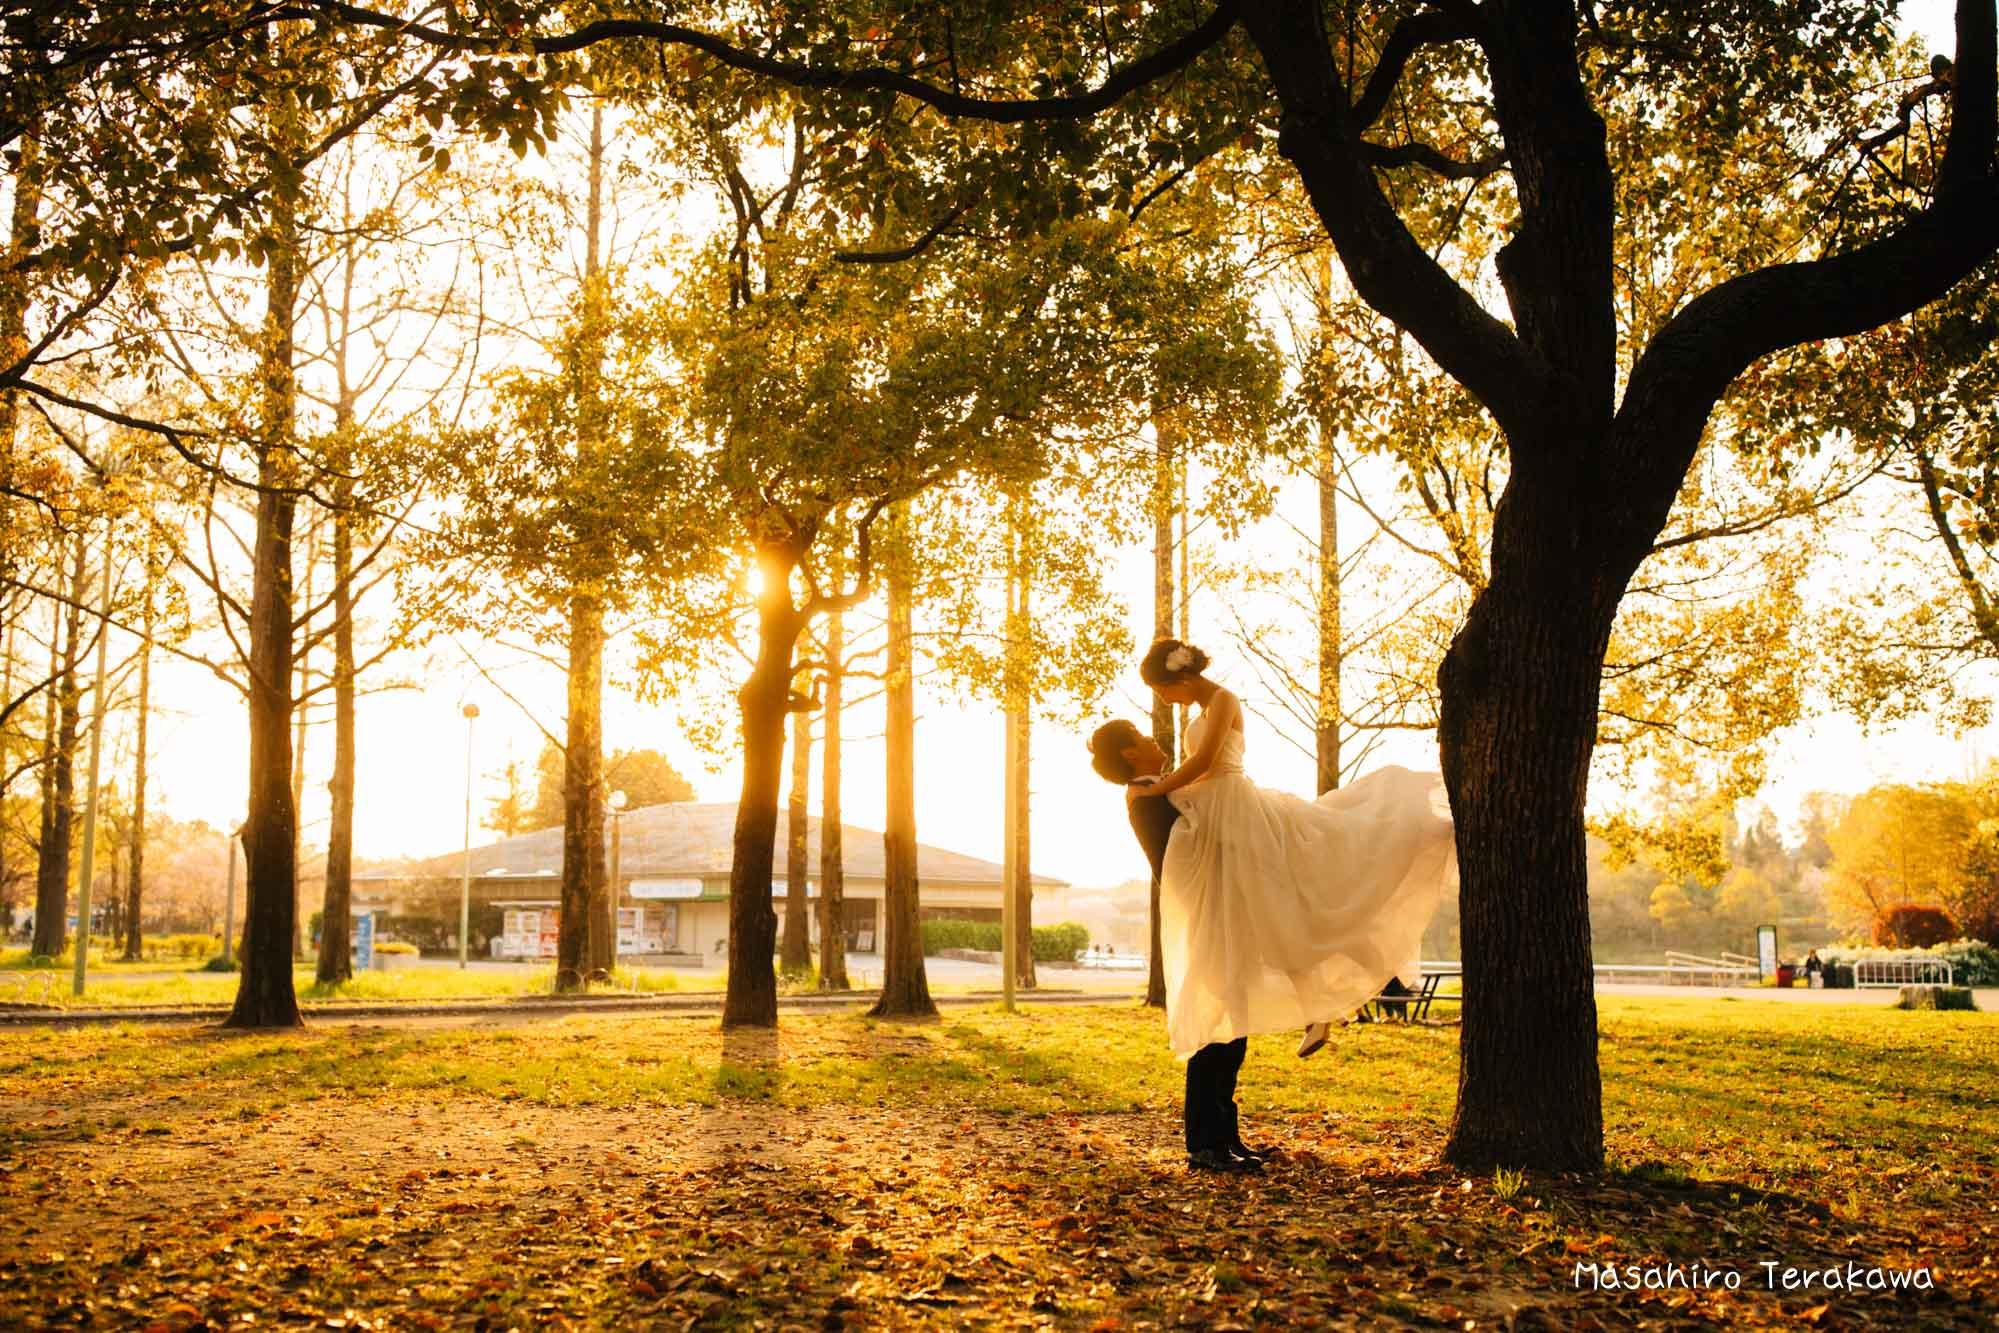 【大阪】鶴見緑地公園で結婚式の和装・洋装前撮り13